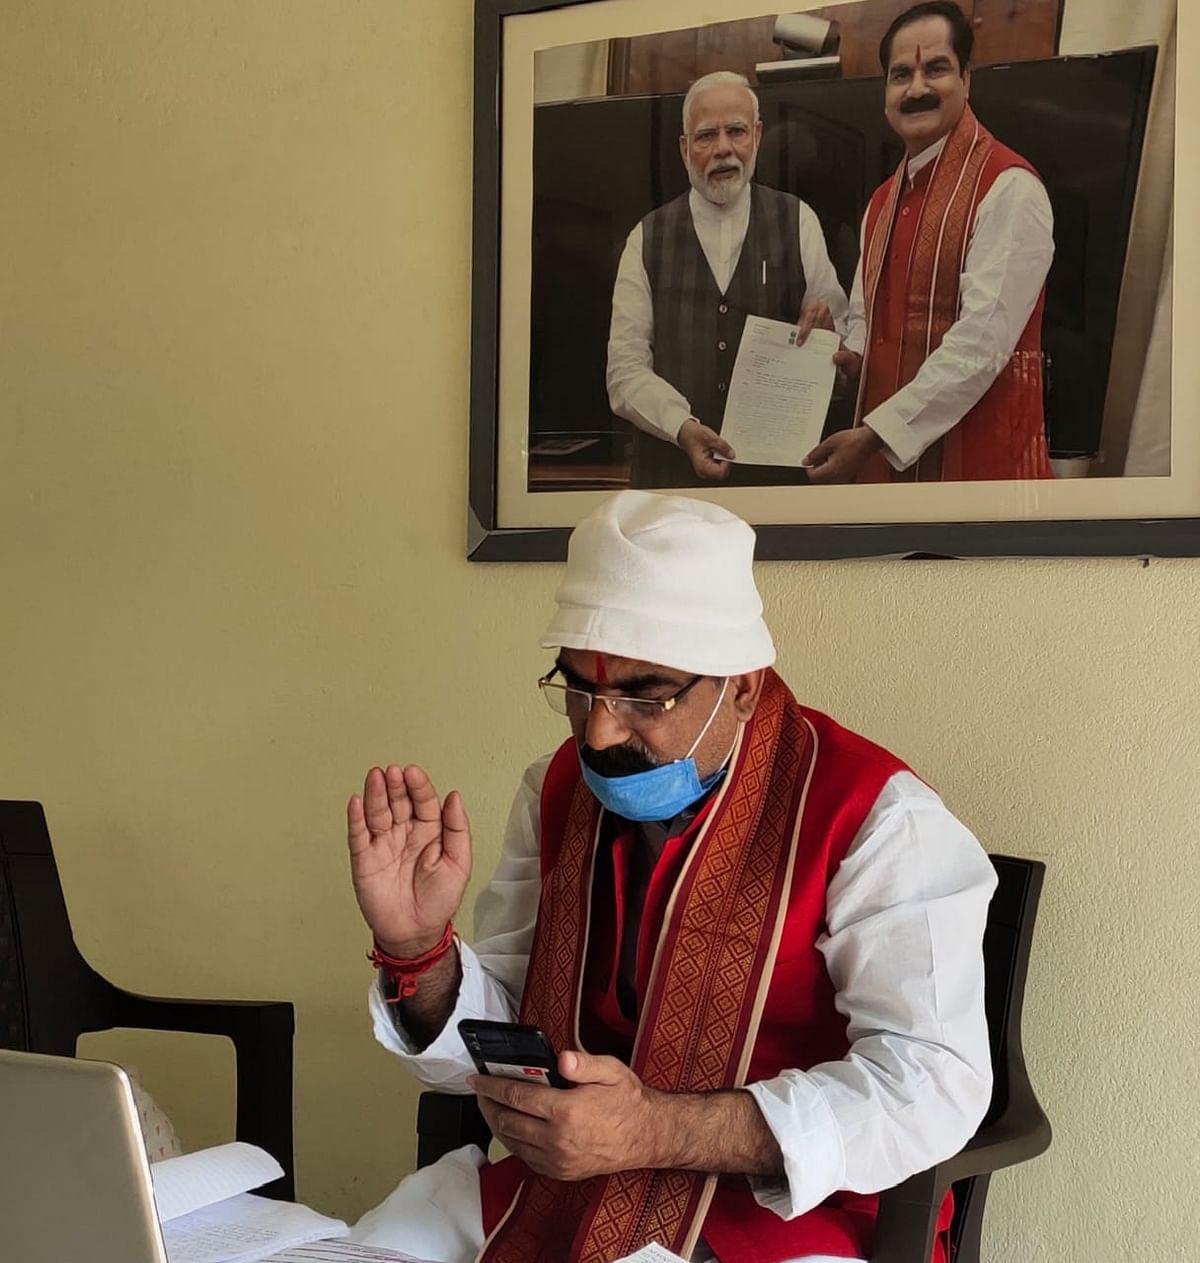 पीएम मोदी के नेतृत्व में दिन-प्रतिदिन देश में सुधर रहा कोरोना संक्रमण का रिकवरी रेट : सांसद